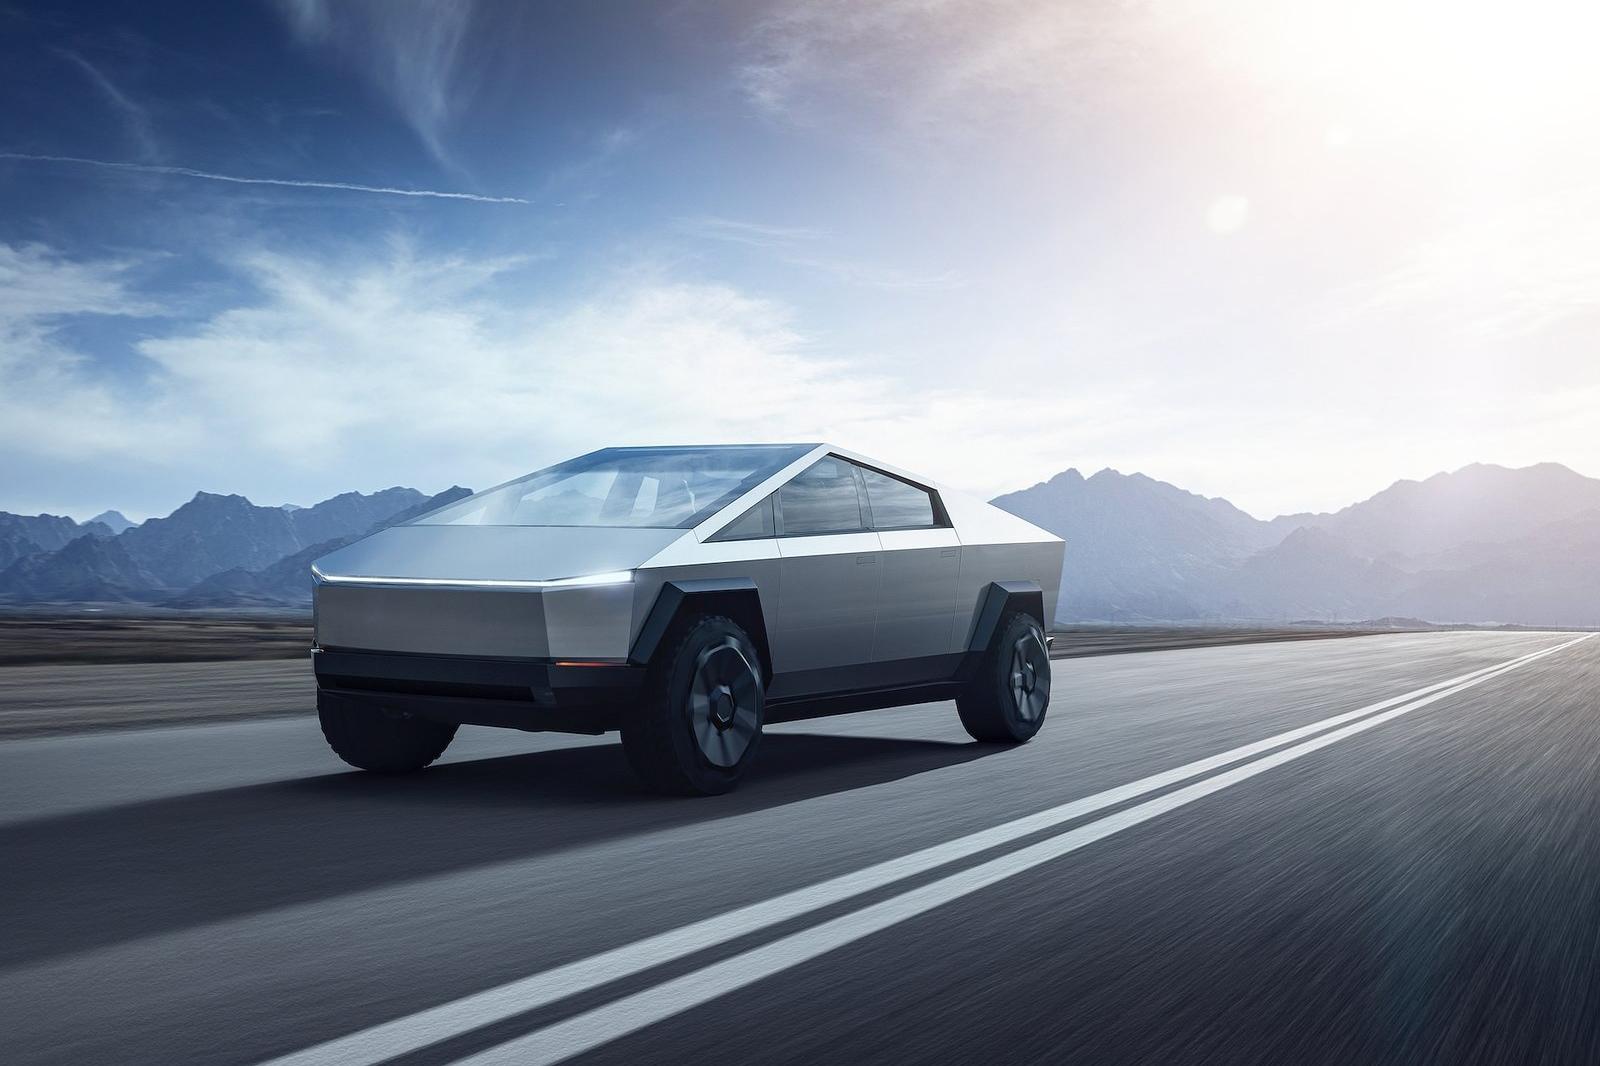 Cybertruck 頂規的三馬達四輪驅動車型除了續航力超過 800 公里,0-100 km/h 加速也可以在 2.9 秒內完成。